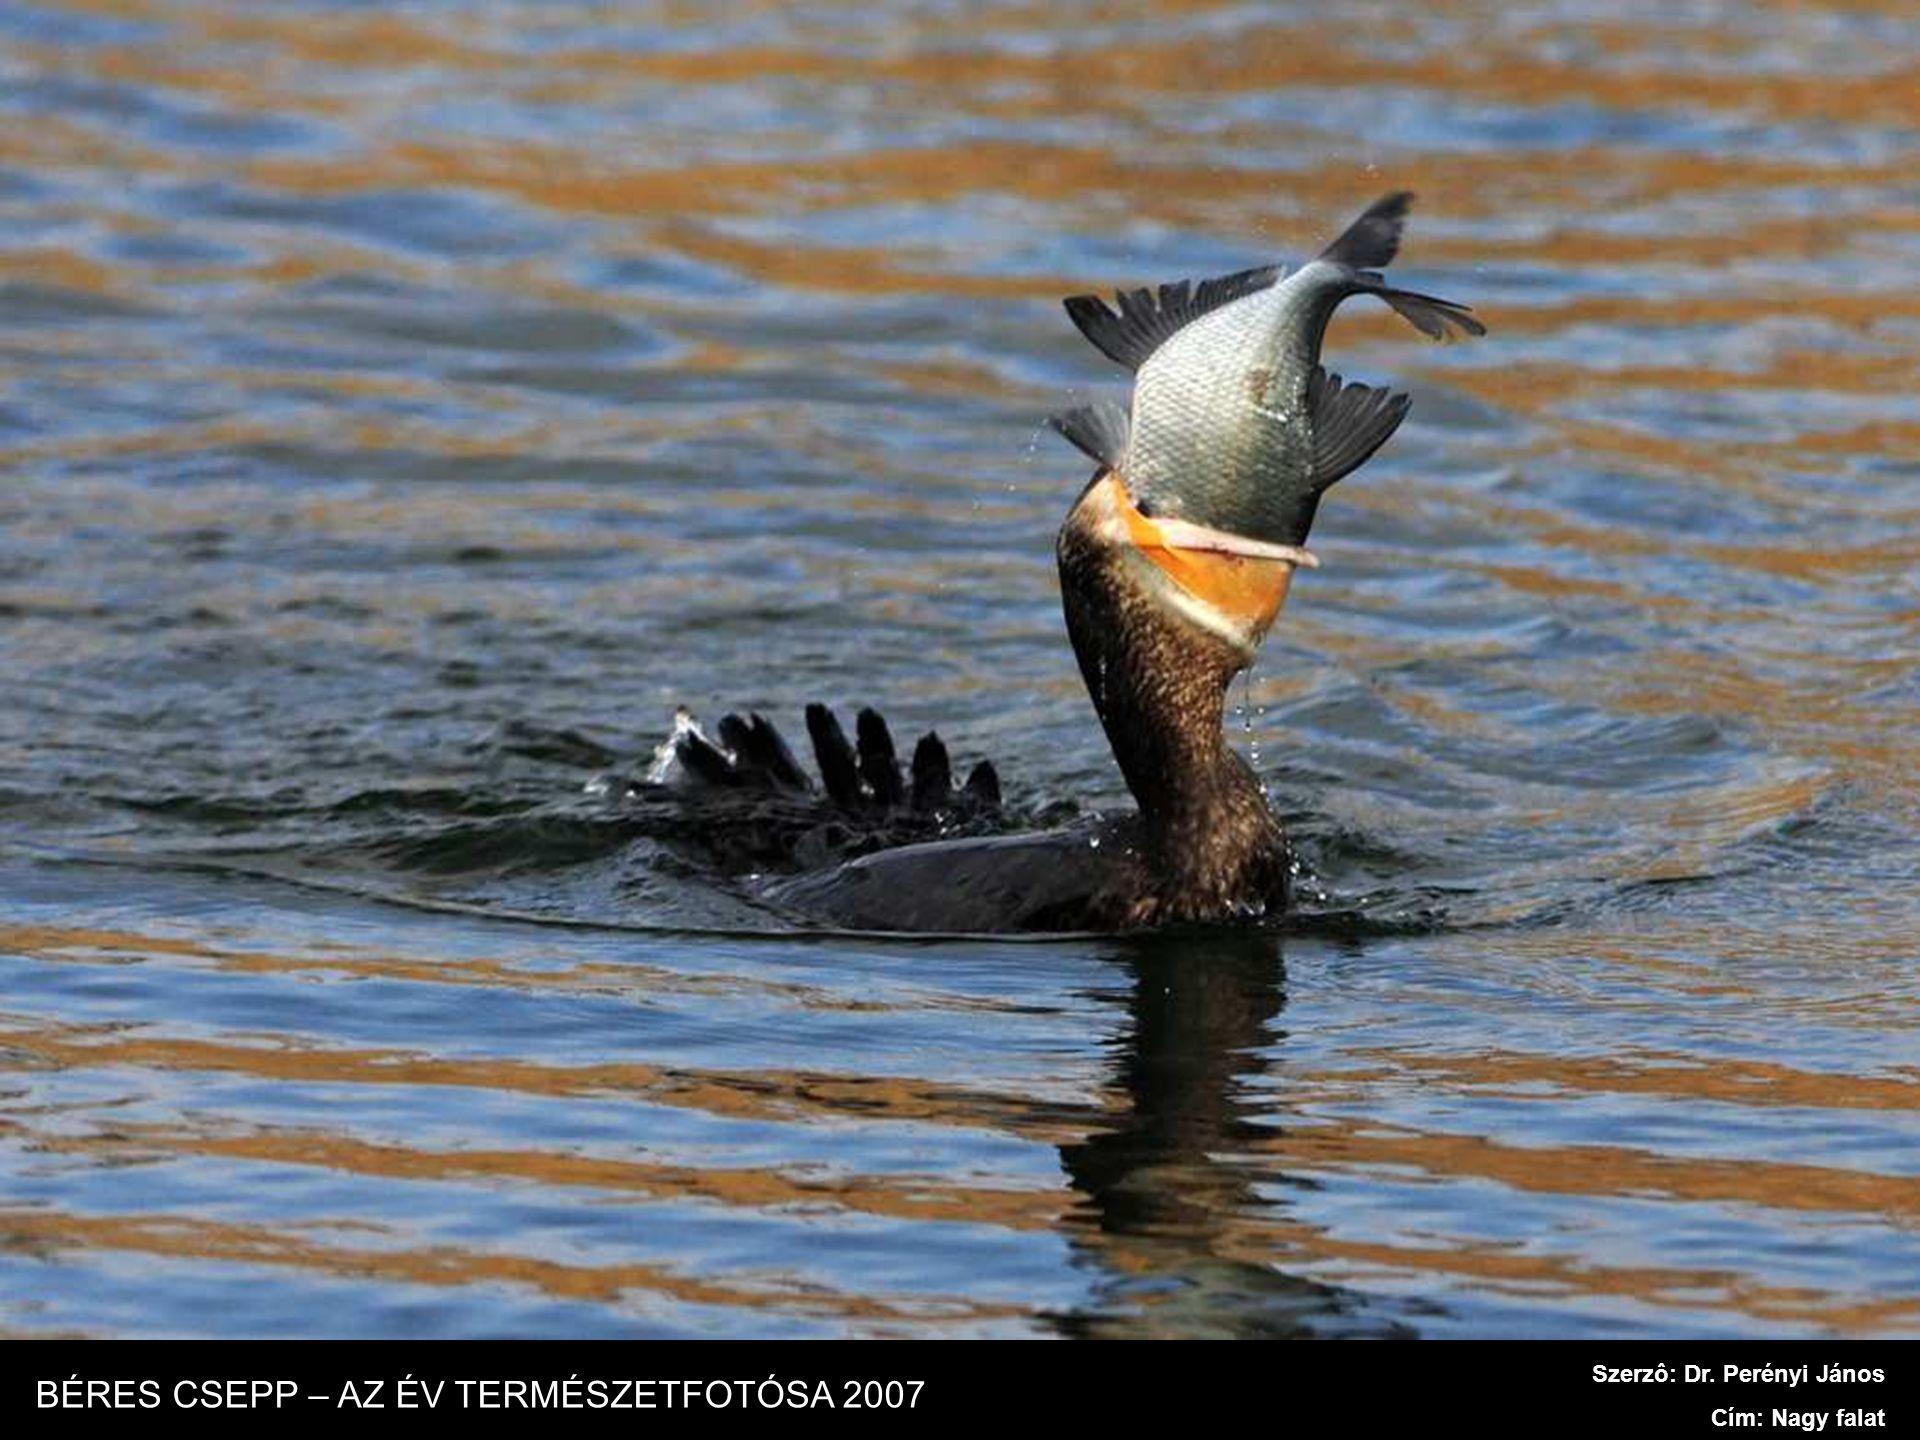 Szerzô: Baranyai Antal Cím: A nagy horgász BÉRES CSEPP – AZ ÉV TERMÉSZETFOTÓSA 2007